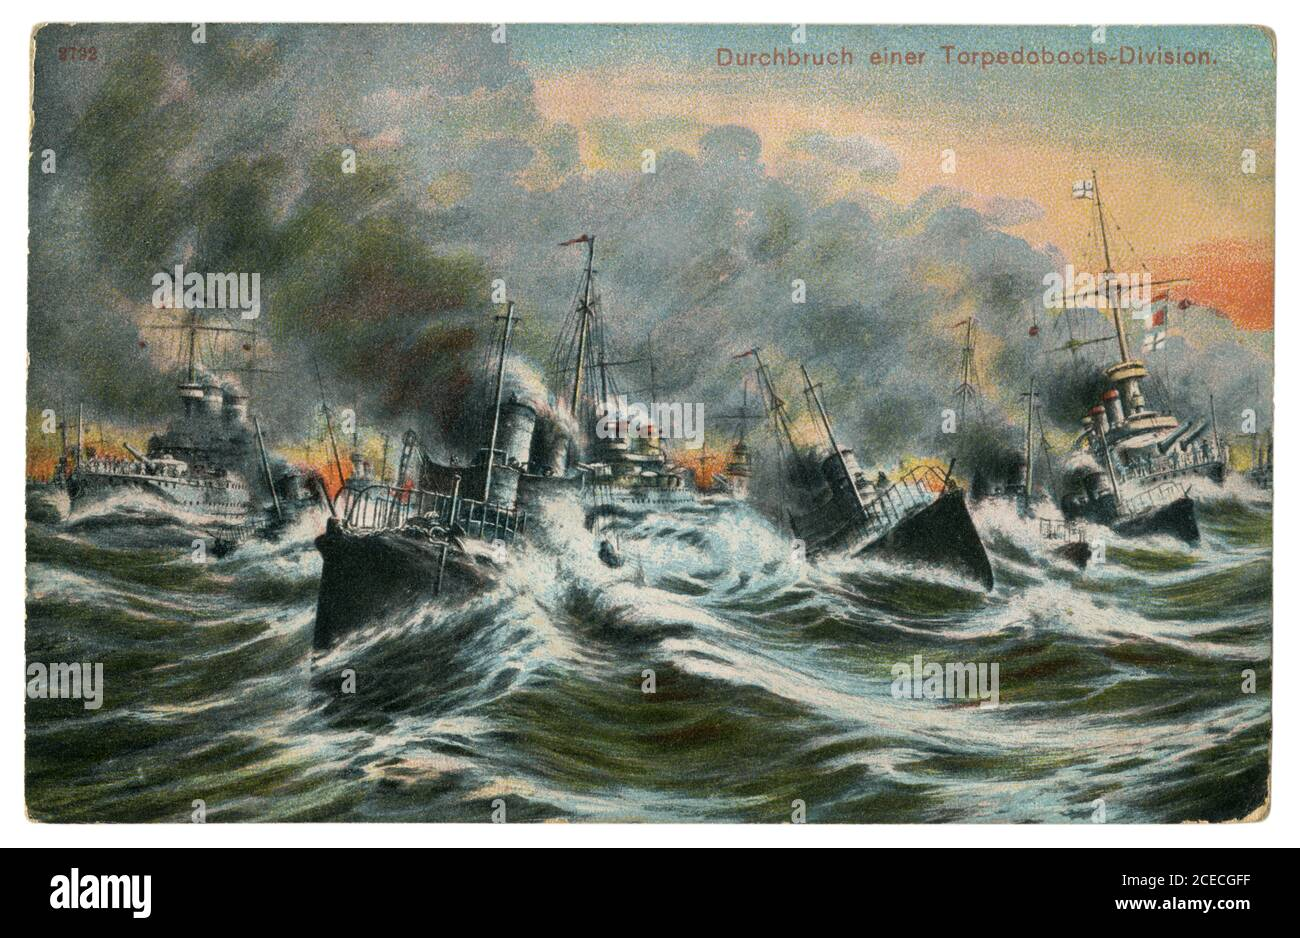 Carte postale historique allemande : percée d'une division de bateaux de torpille. Une flottille dans une mer agitée. Marine impériale allemande (kaisermarine), 1908 Banque D'Images